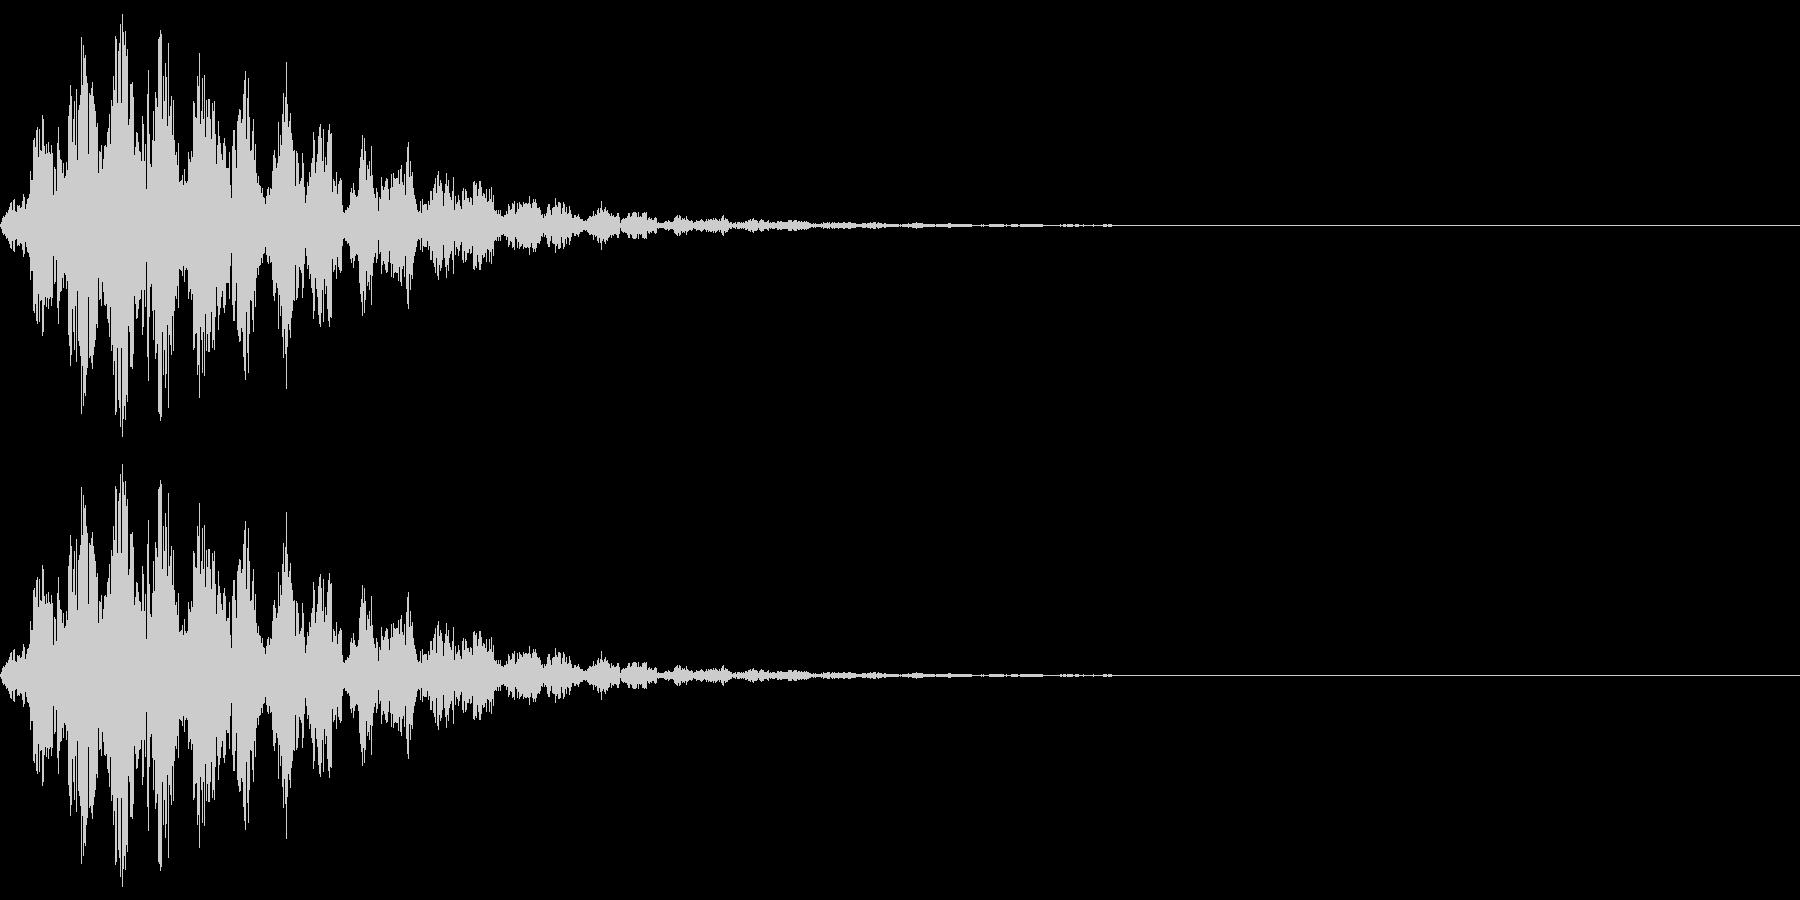 アニメにありそうな回転音(チュルルル)の未再生の波形